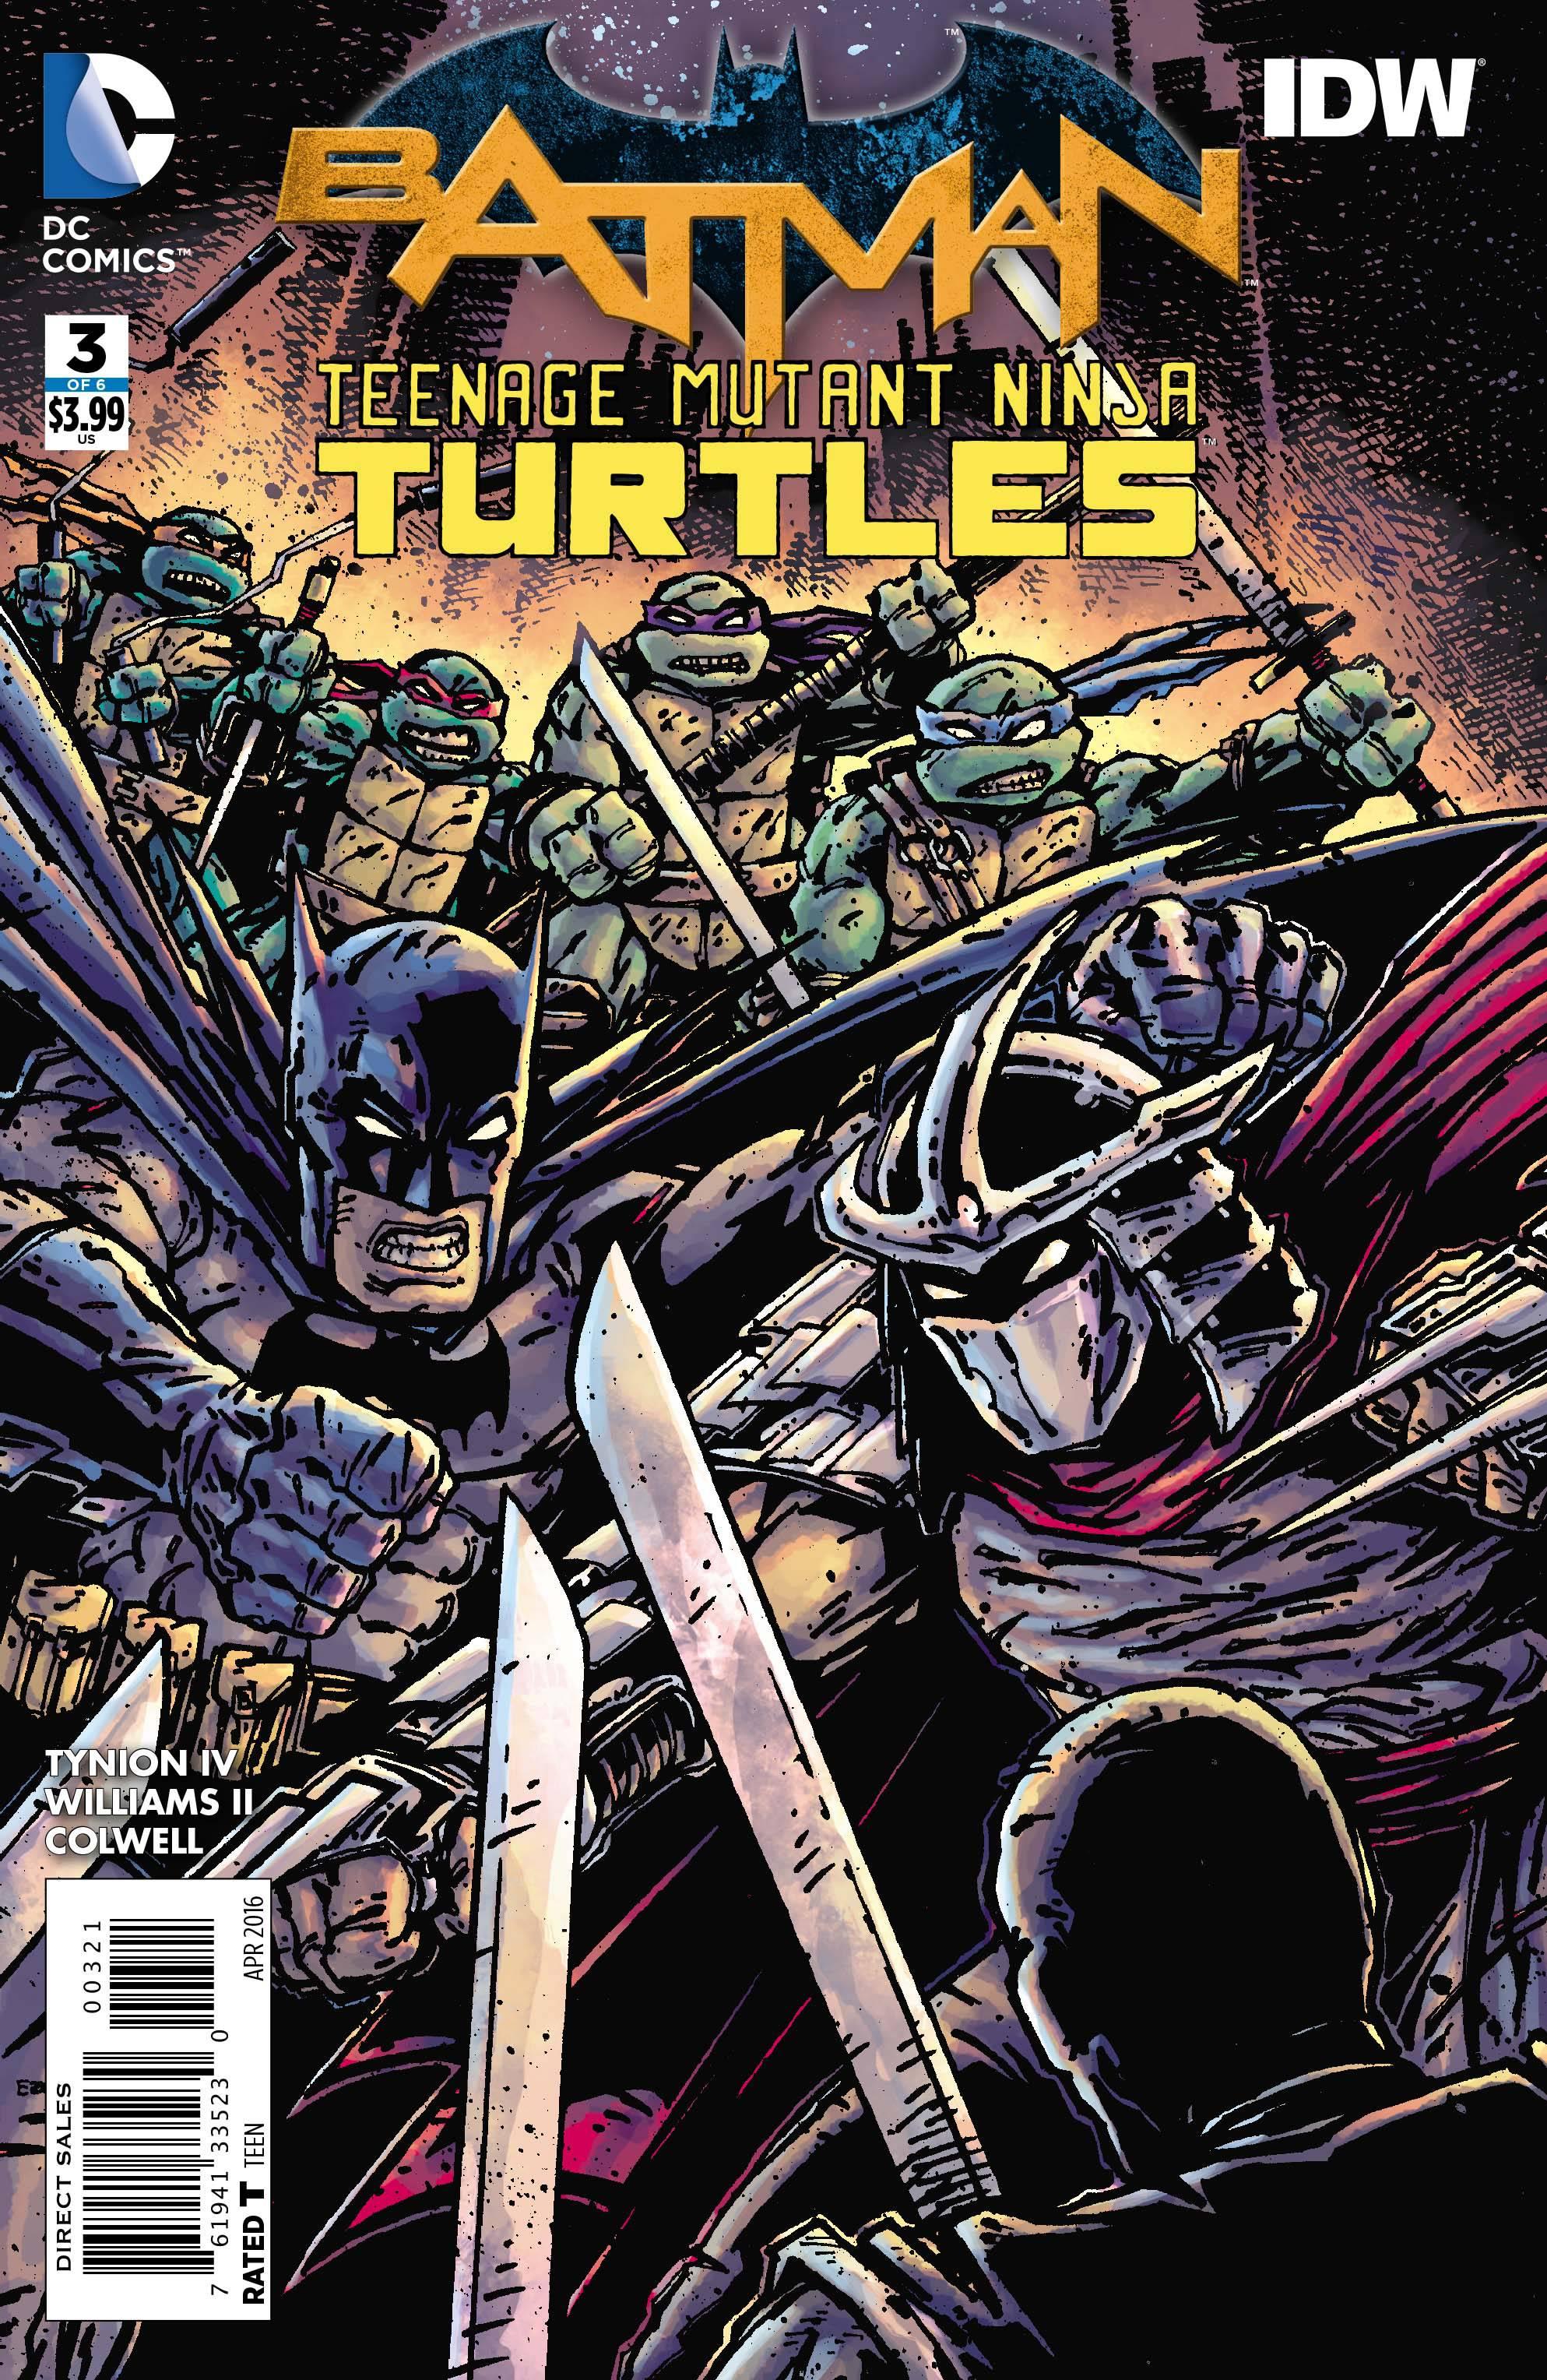 Batman / Teenage Mutant Ninja Turtles #3